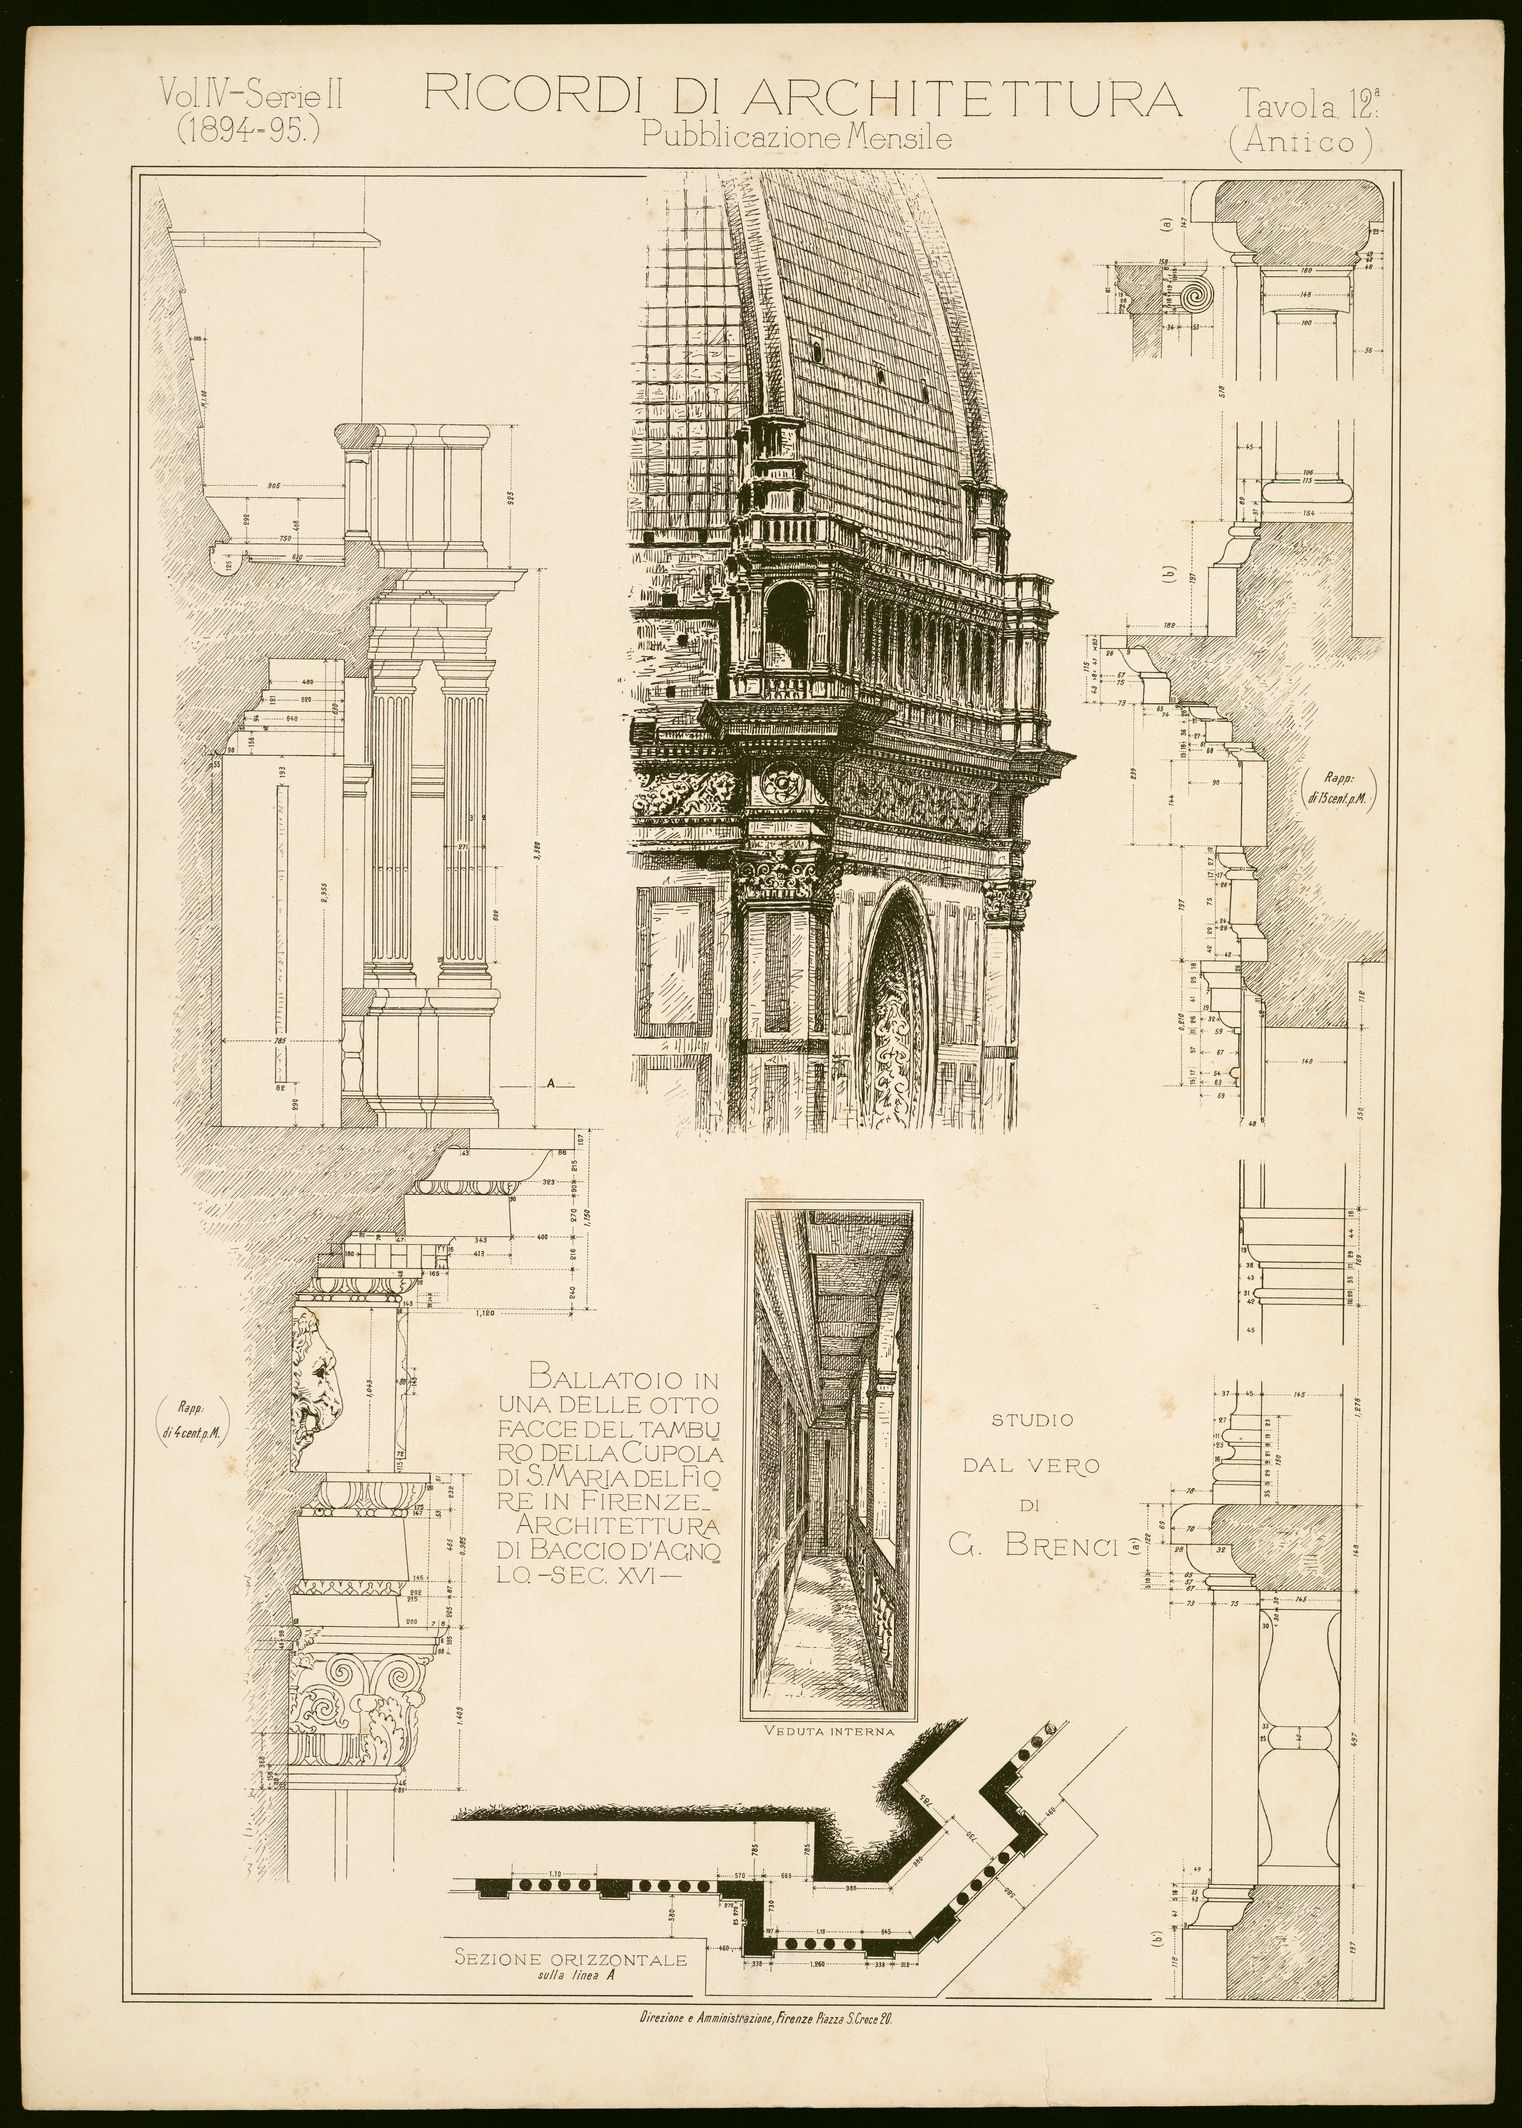 ballatoio in una delle otto facce del tamburo della cupola di s maria del fiore in firenze architettura di baccio d agnolo sec xvi veduta  [ 1522 x 2128 Pixel ]